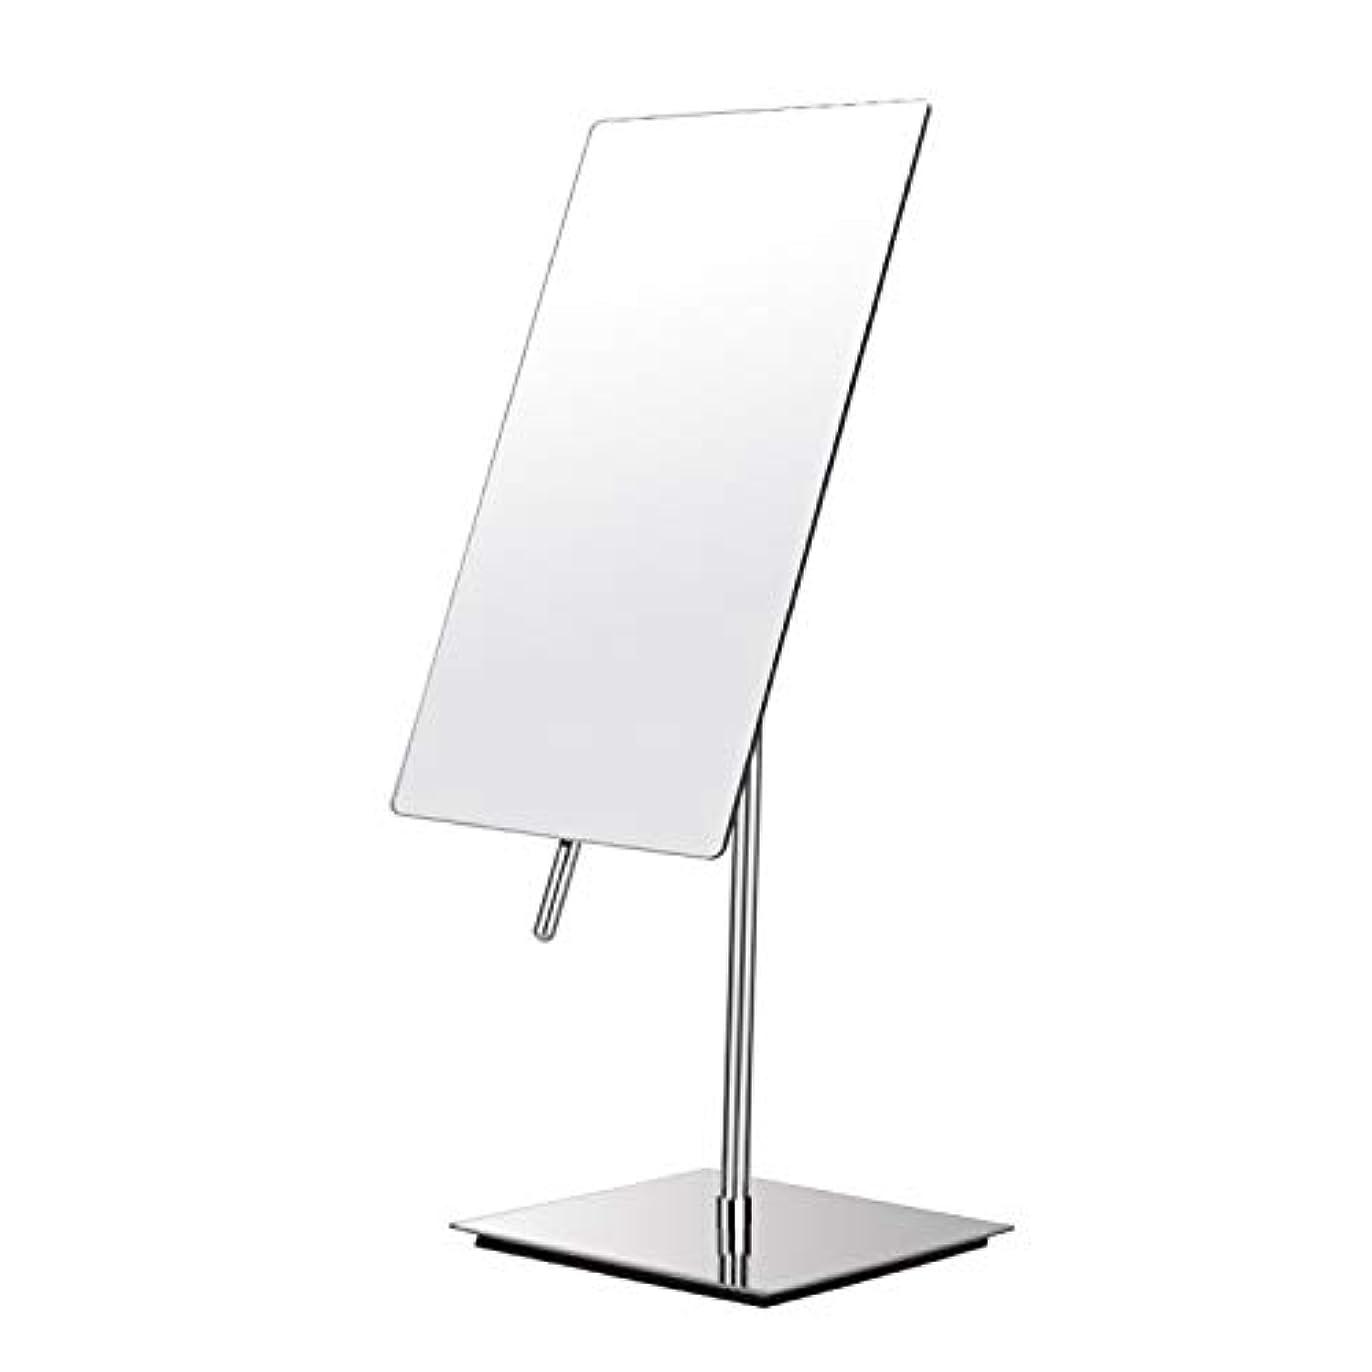 ライラック下売上高鏡 卓上 拡大しない 化粧鏡 女優ミラー メイクアップミラー 210x130mm 長方形鏡面 90度回転 スタンドミラー メイク ガラスサー 寝室や浴室に適しています